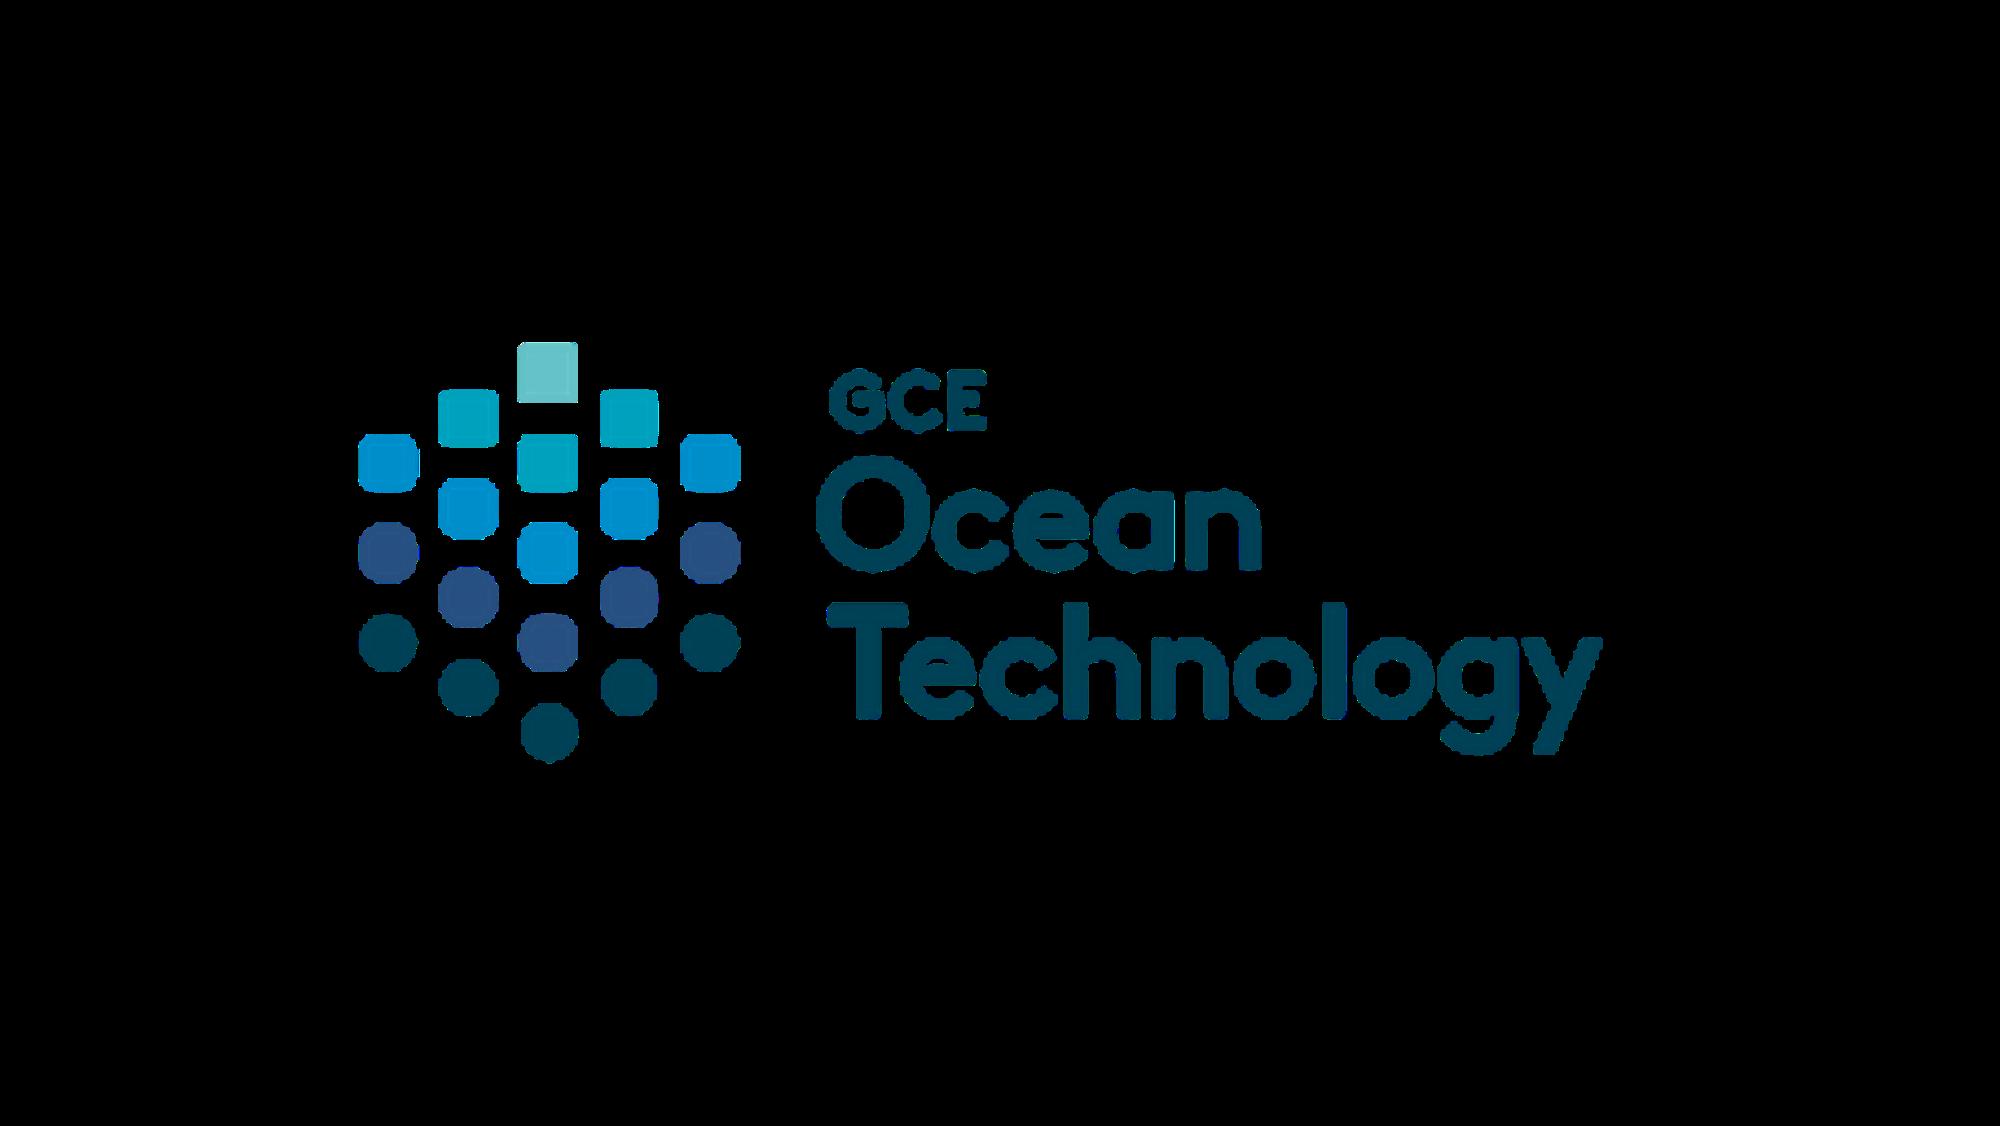 GCE Ocean Technology.png